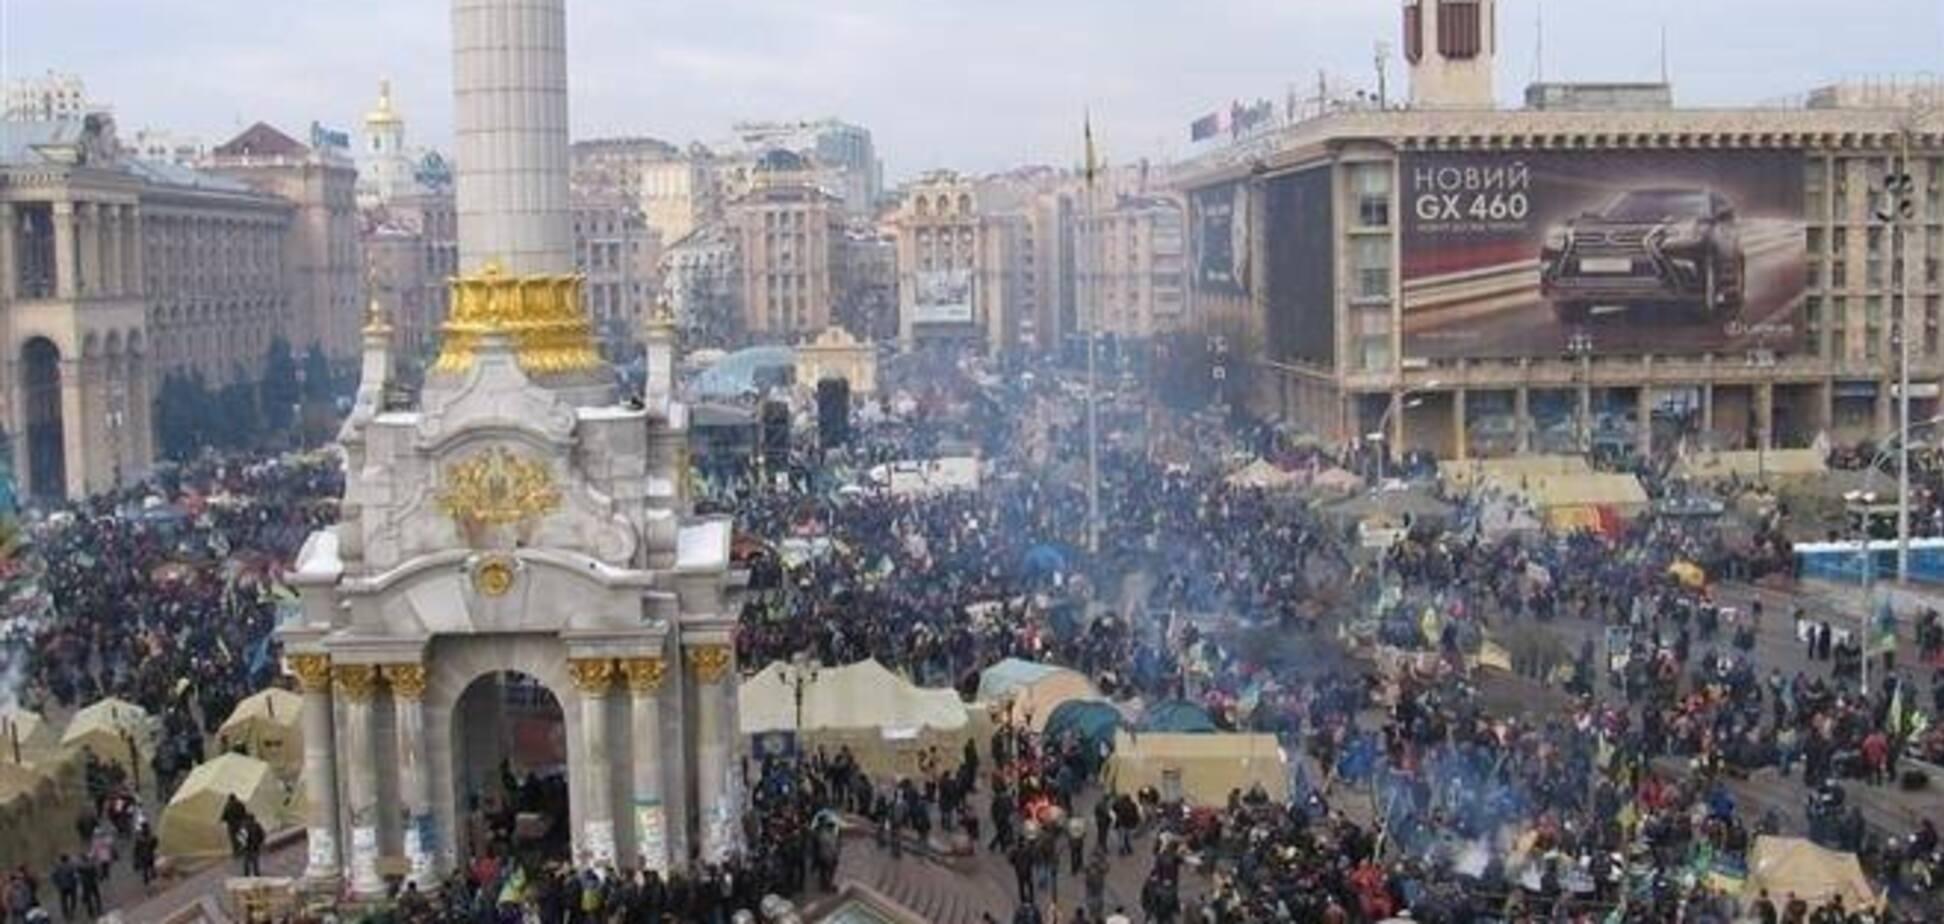 У Януковича сказали, що Евромайдан зібрався через перевищення повноважень Кабміном